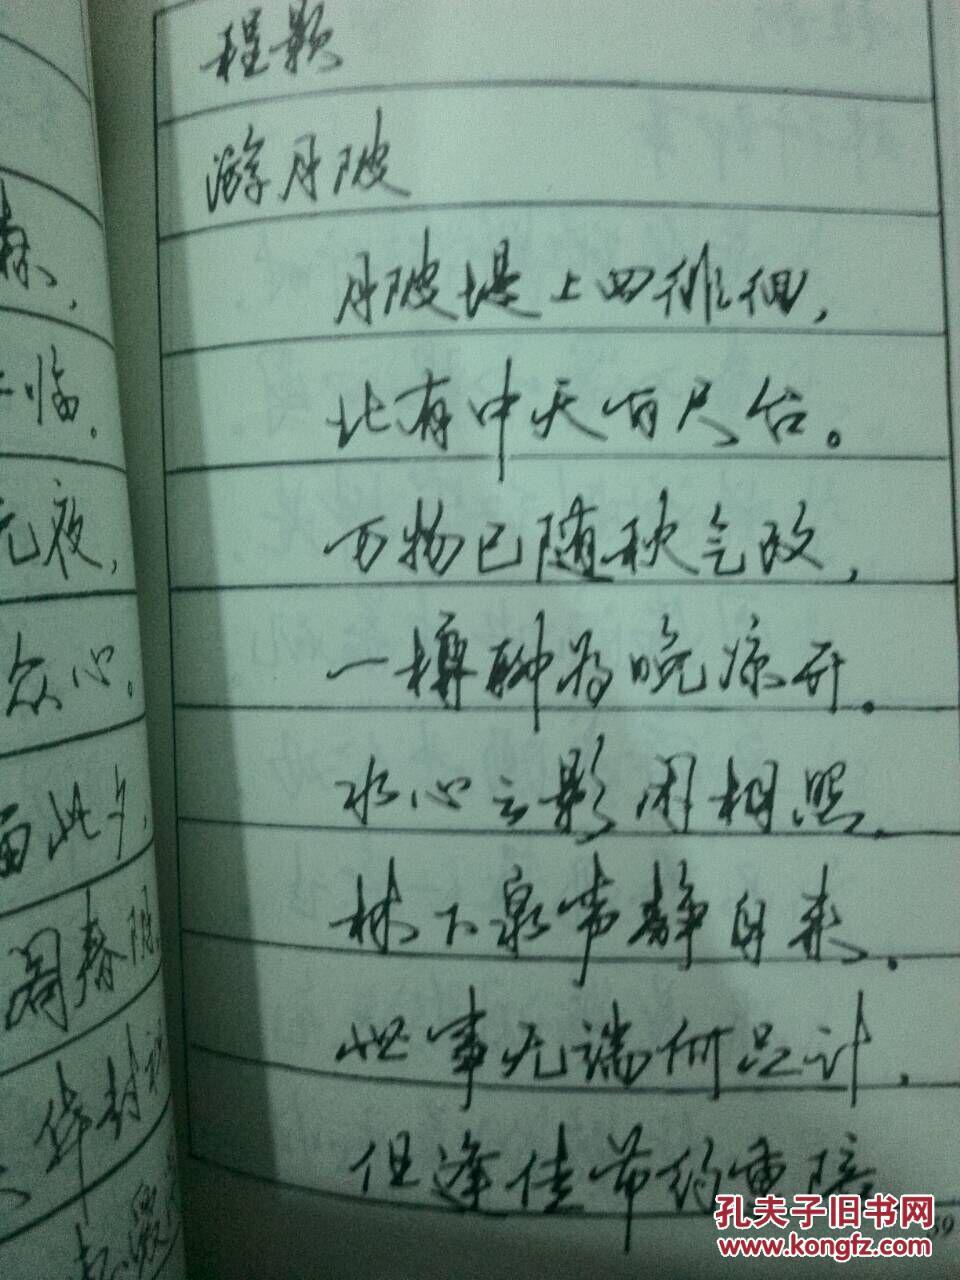 有什么好的硬笔行书字帖推荐